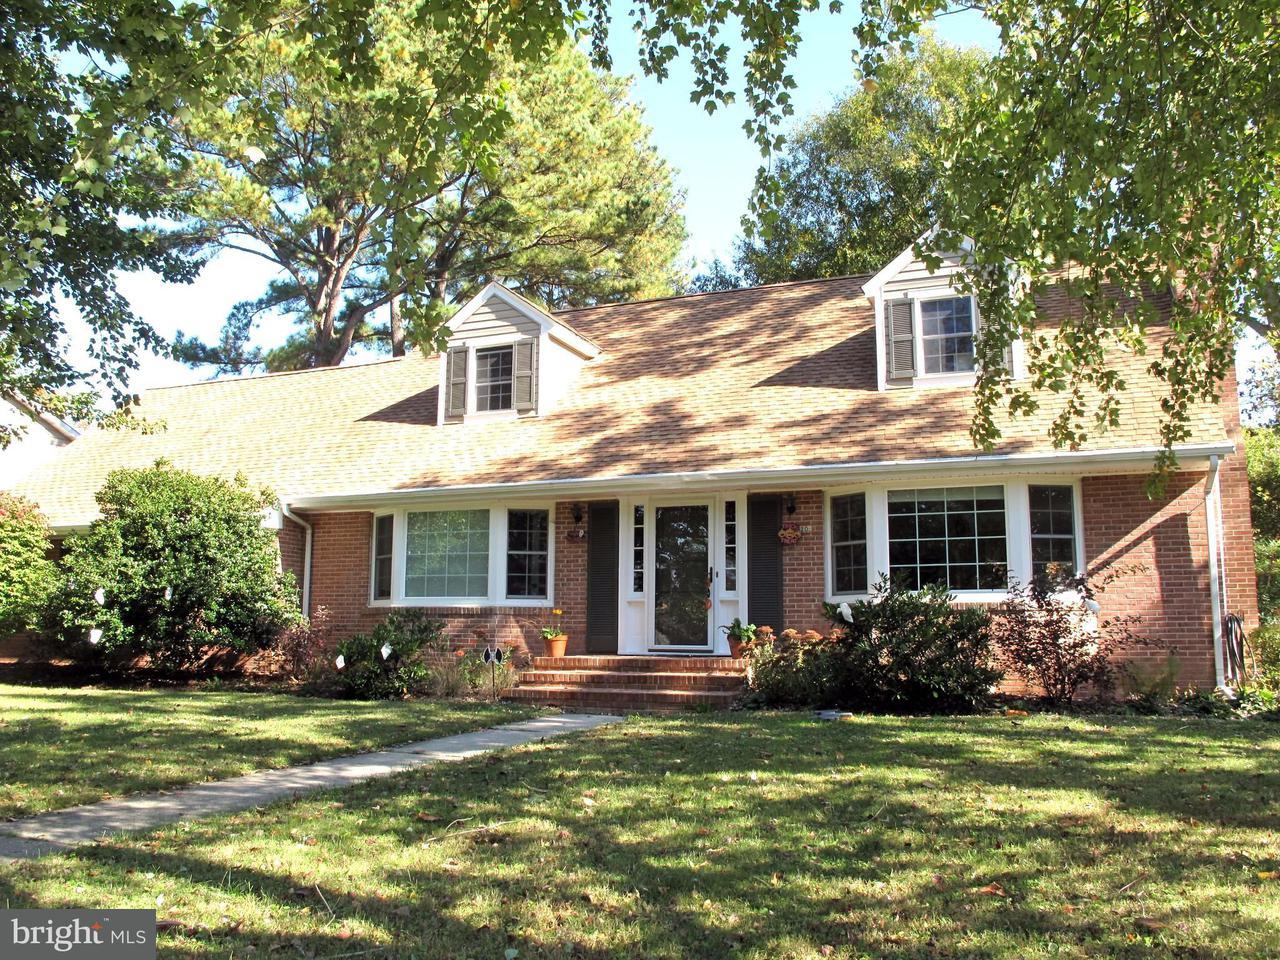 Einfamilienhaus für Verkauf beim 520 TRIPPE Avenue 520 TRIPPE Avenue Easton, Maryland 21601 Vereinigte Staaten